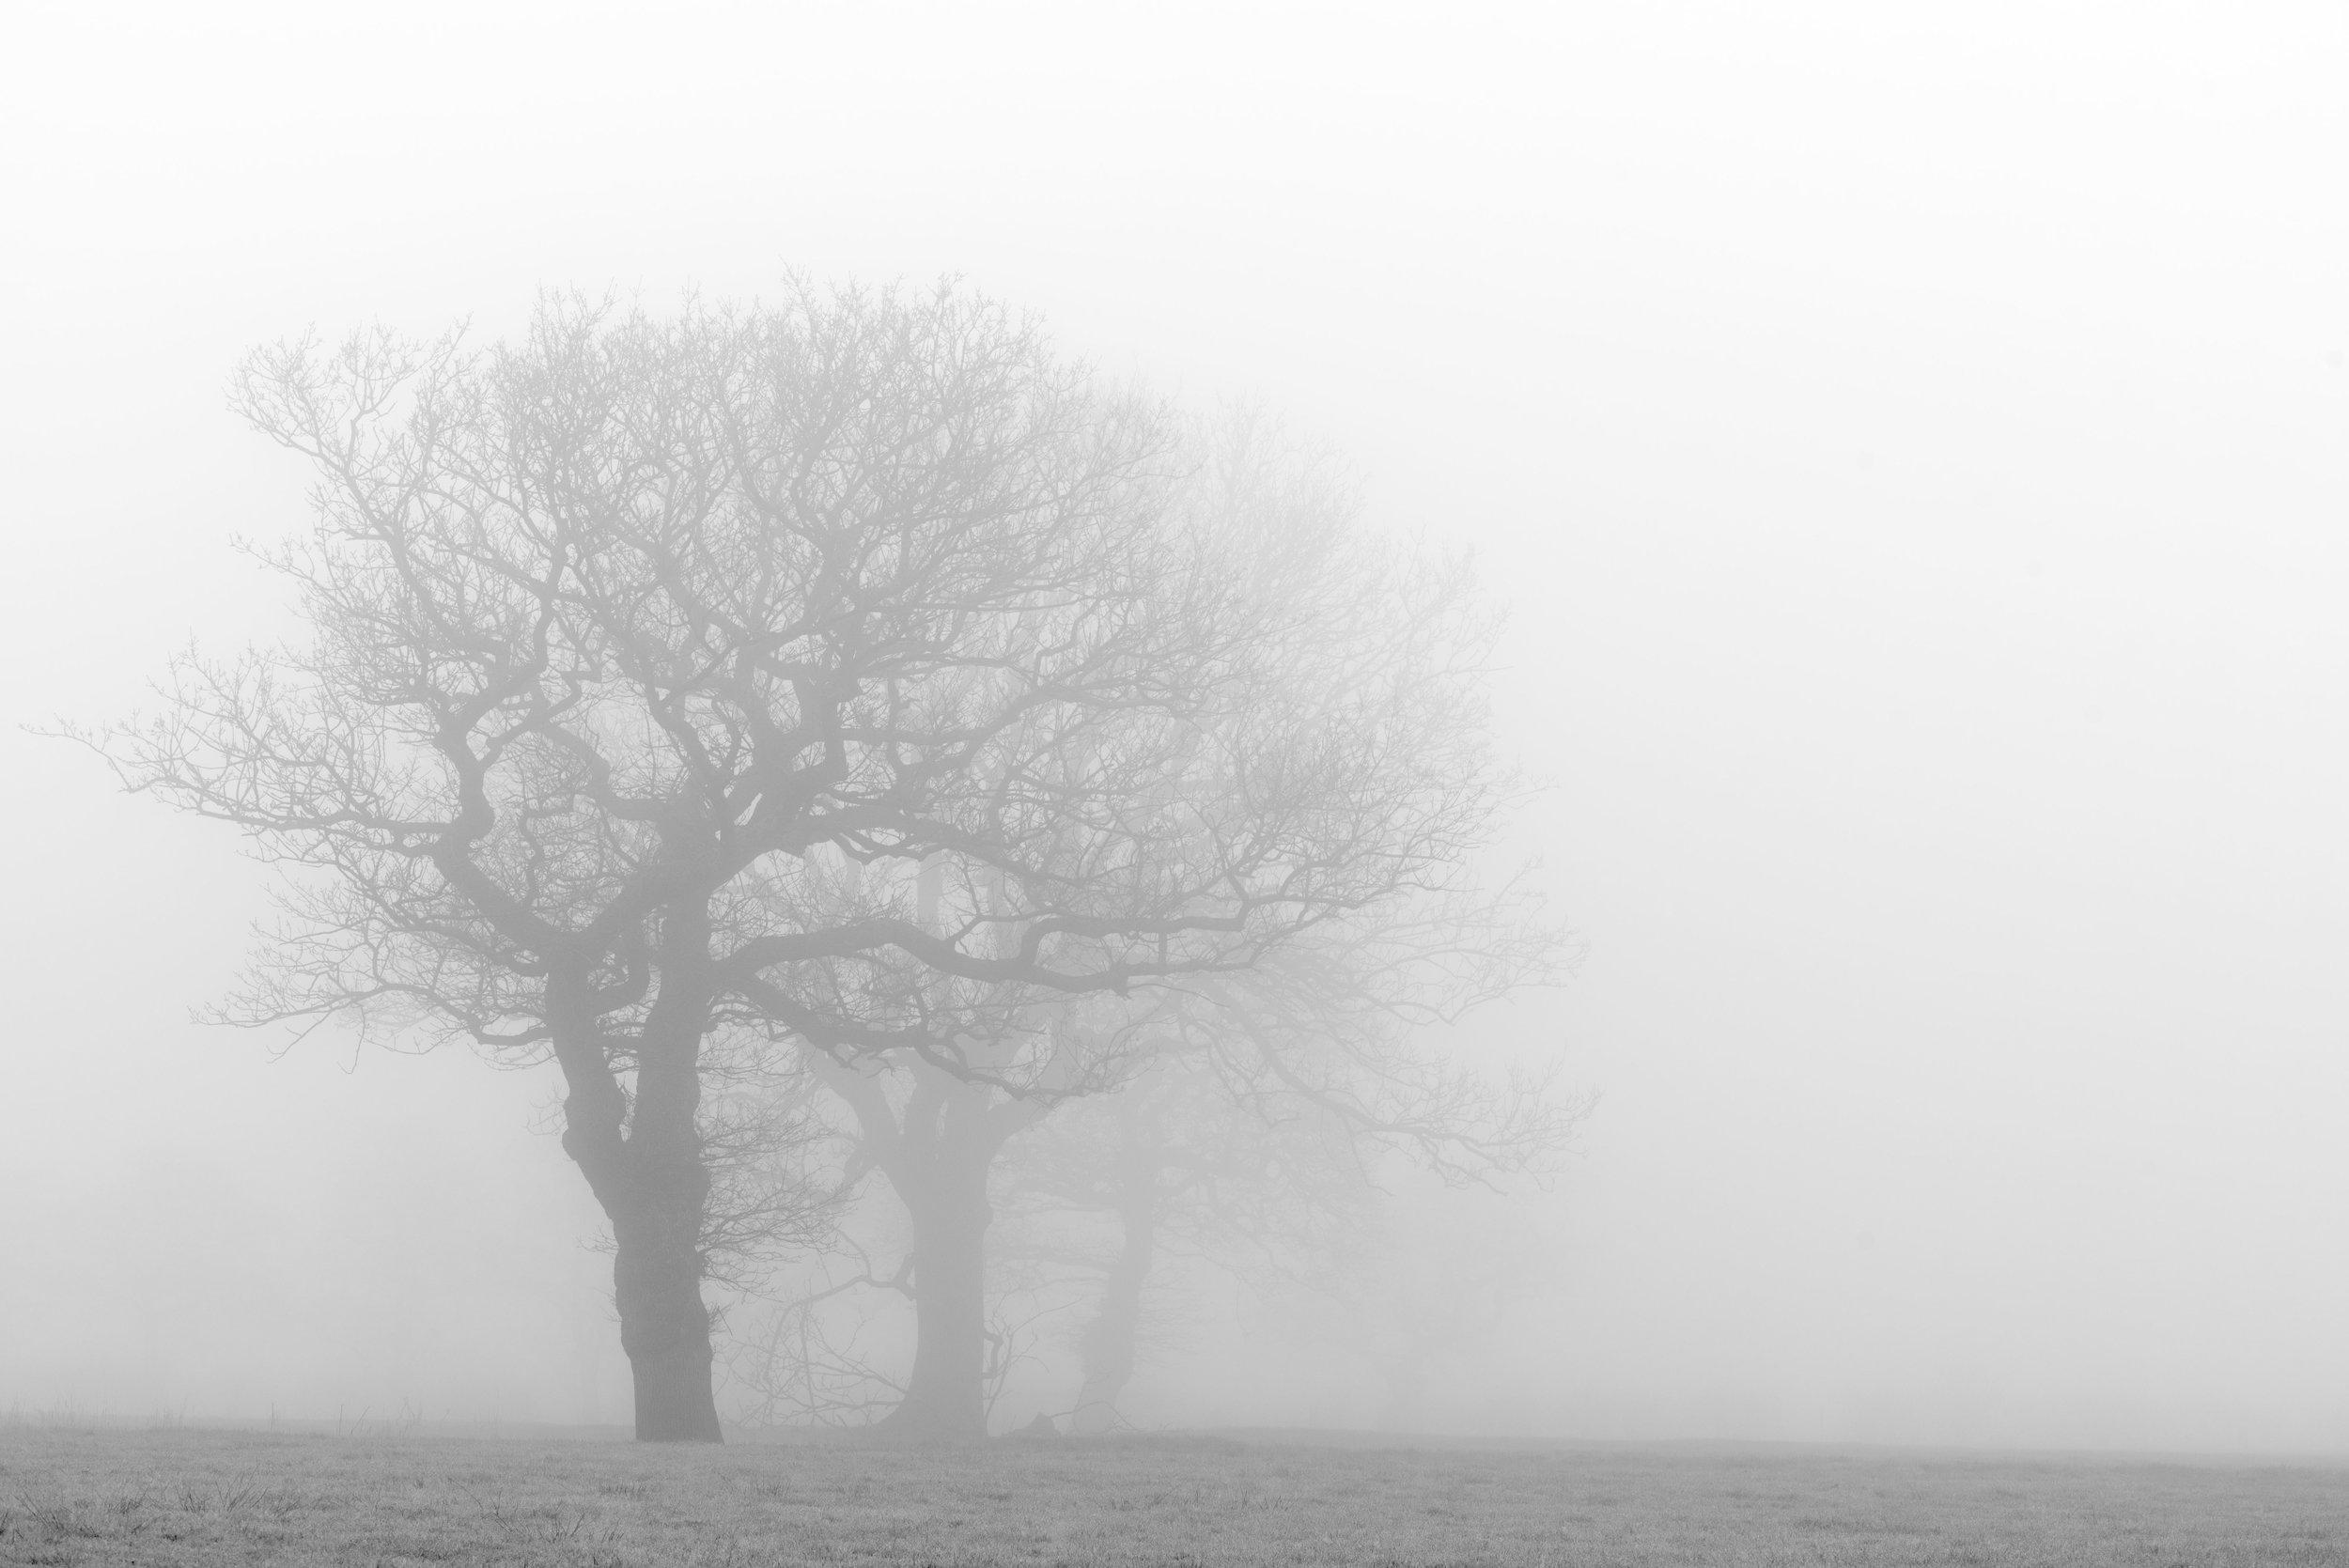 Three trees DSC_7452.jpg